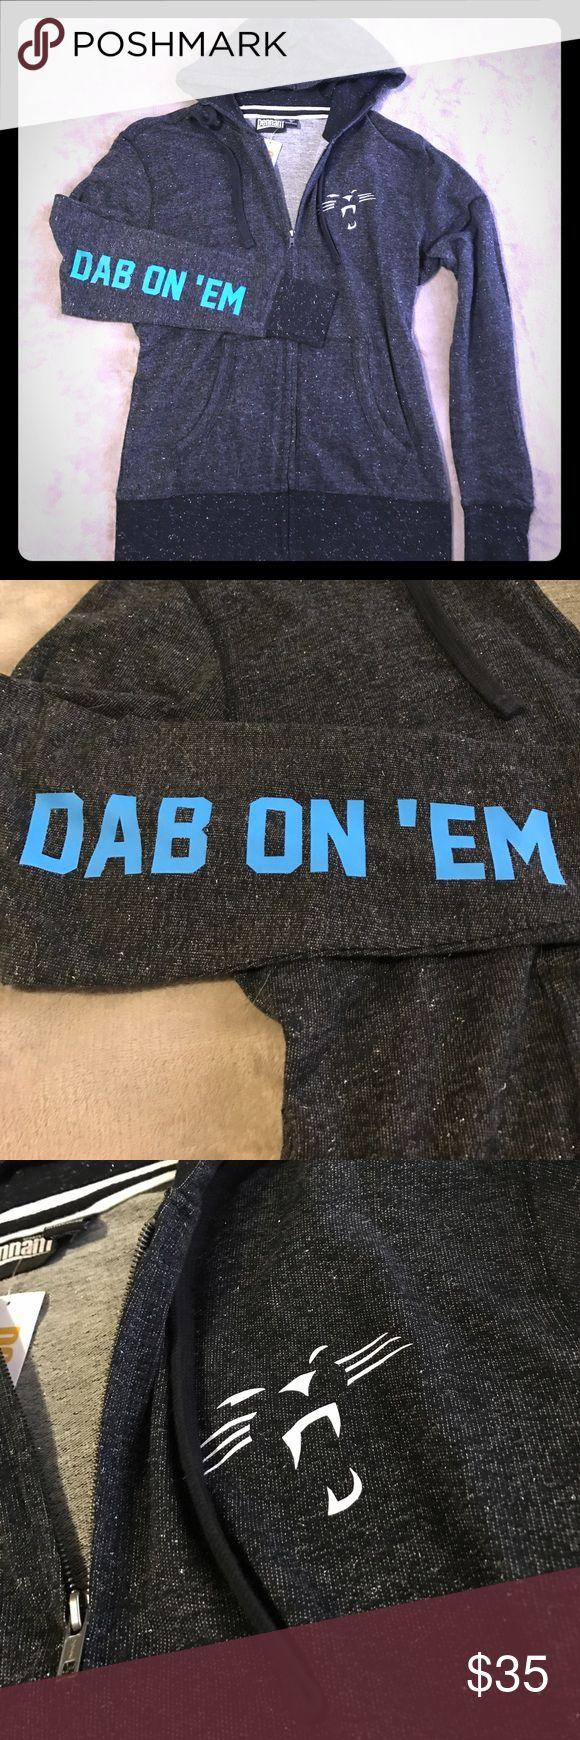 Carolina Panthers NFL Glitter Boutique ZipUp Hoodi Size XL - fits large Sweaters